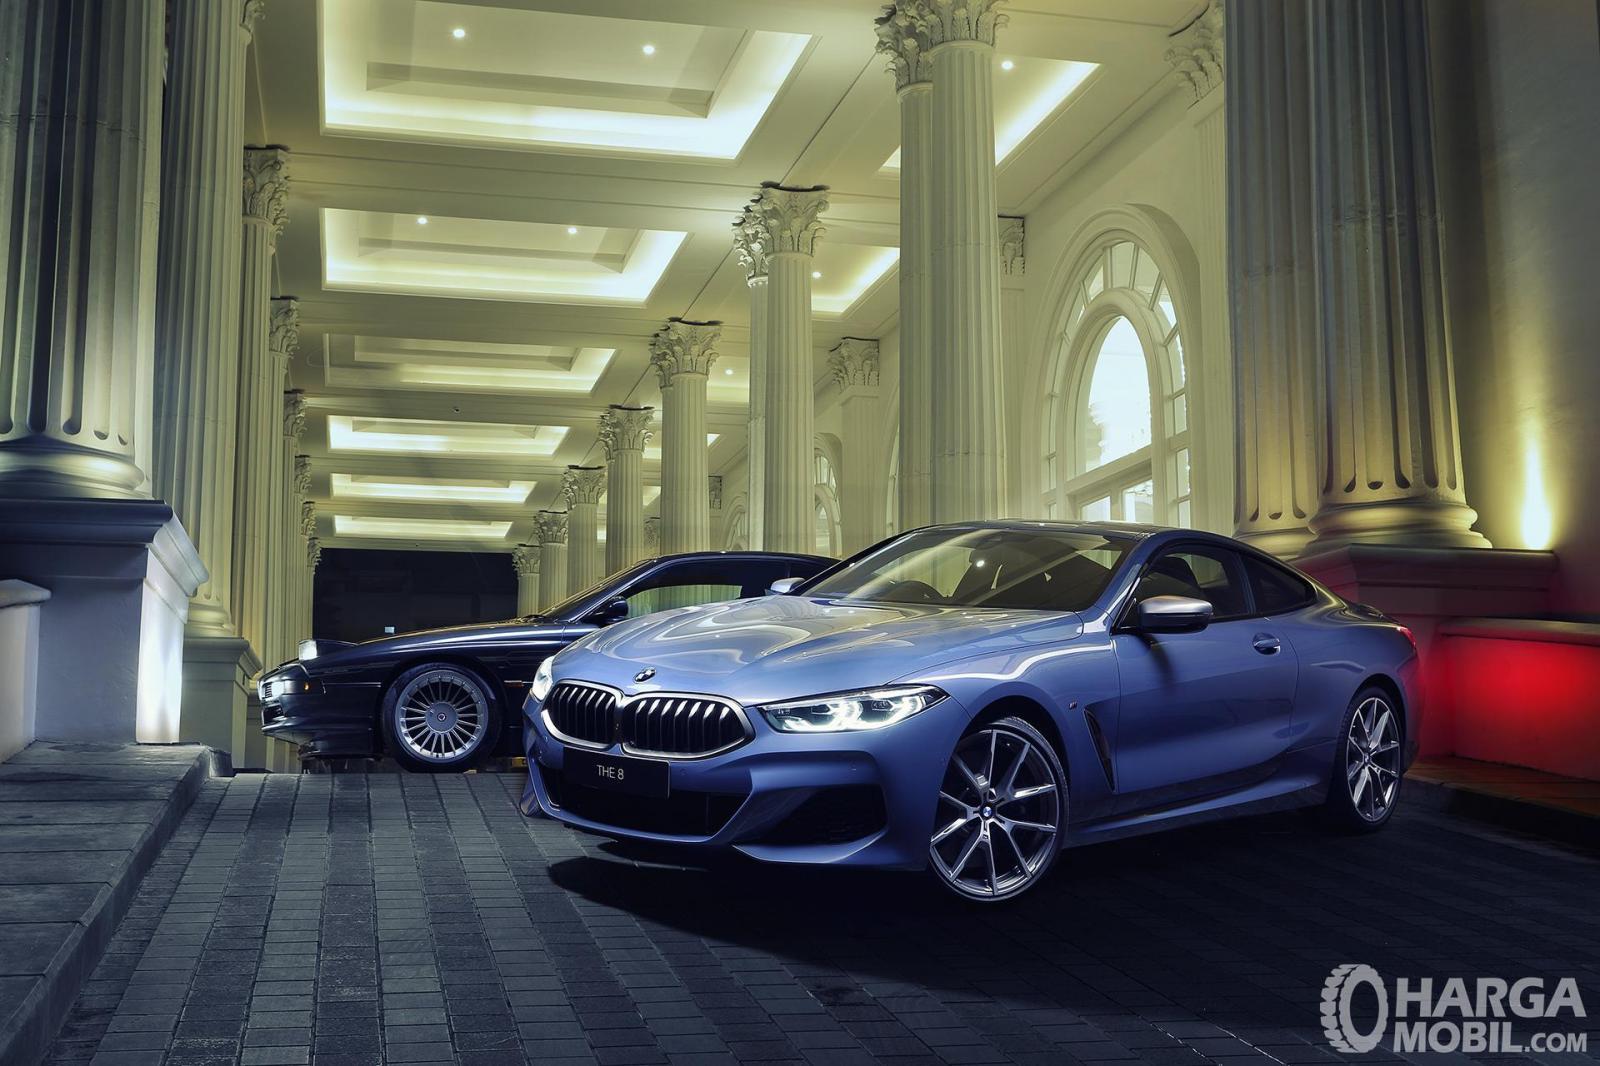 All New BMW 8 Series informasi harga resmi dari BMW Indonesia